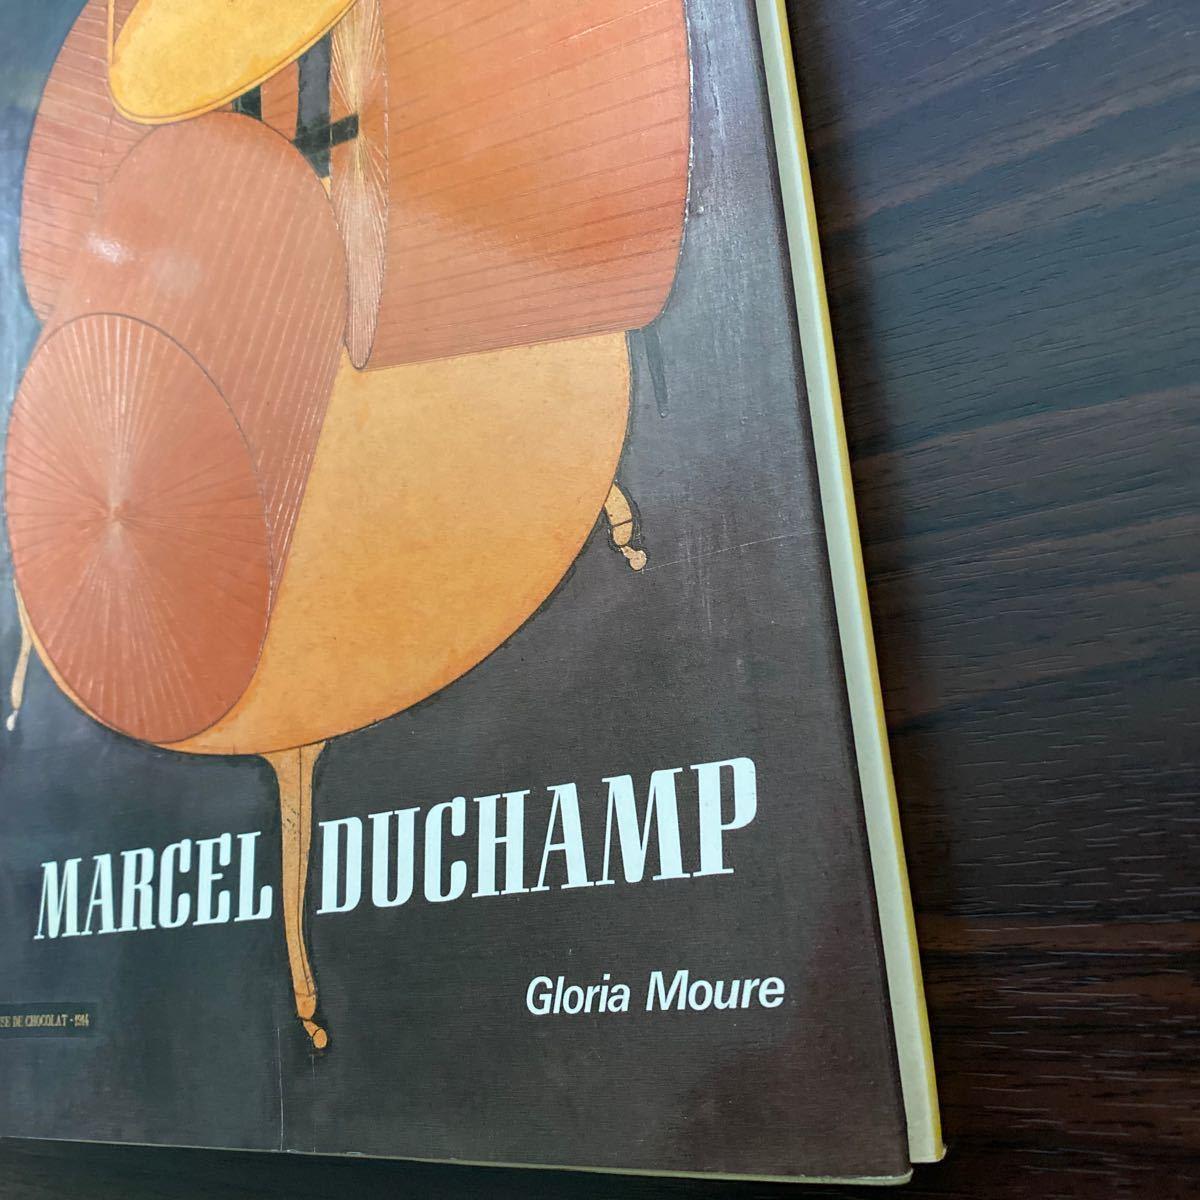 マルセル・デュシャン marcel duchamp gloria moire ハードカバー_画像2